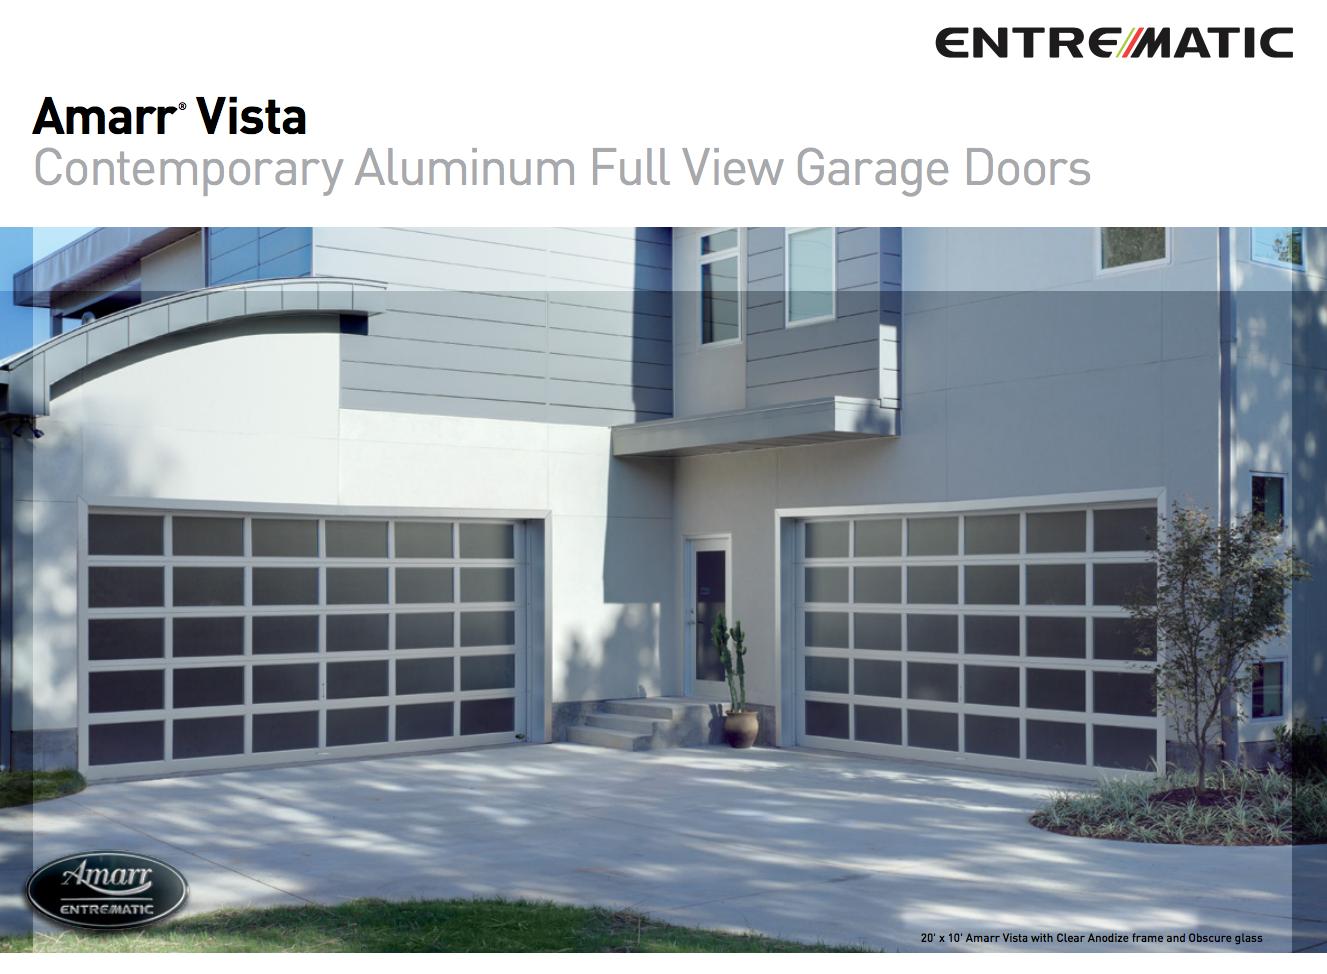 Amarr Vista Contemporary Aluminum Full View Garage Doors